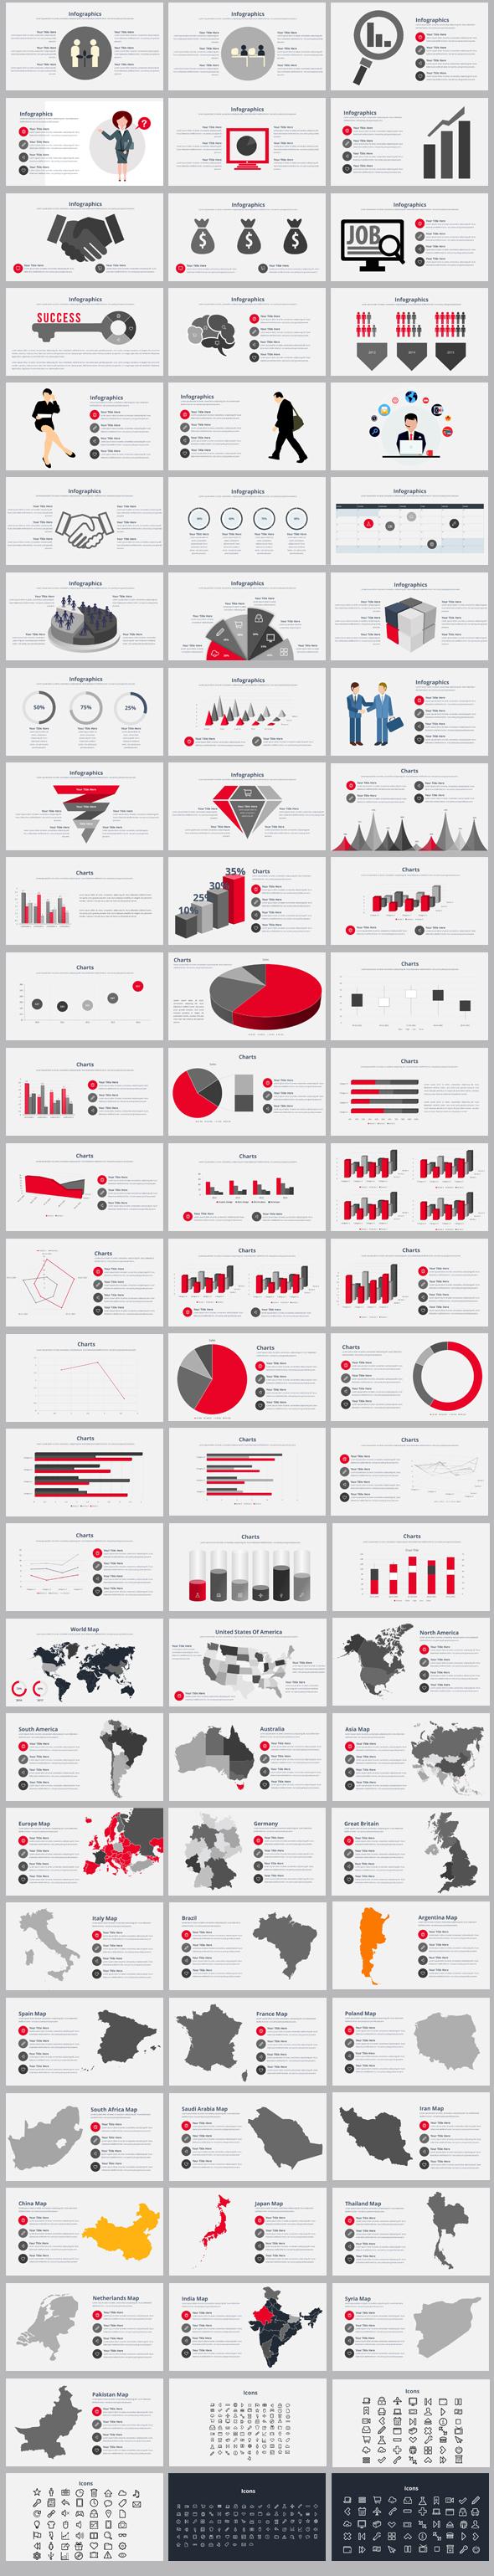 2021 Dynamic Report Keynote Templates Bundle - 6